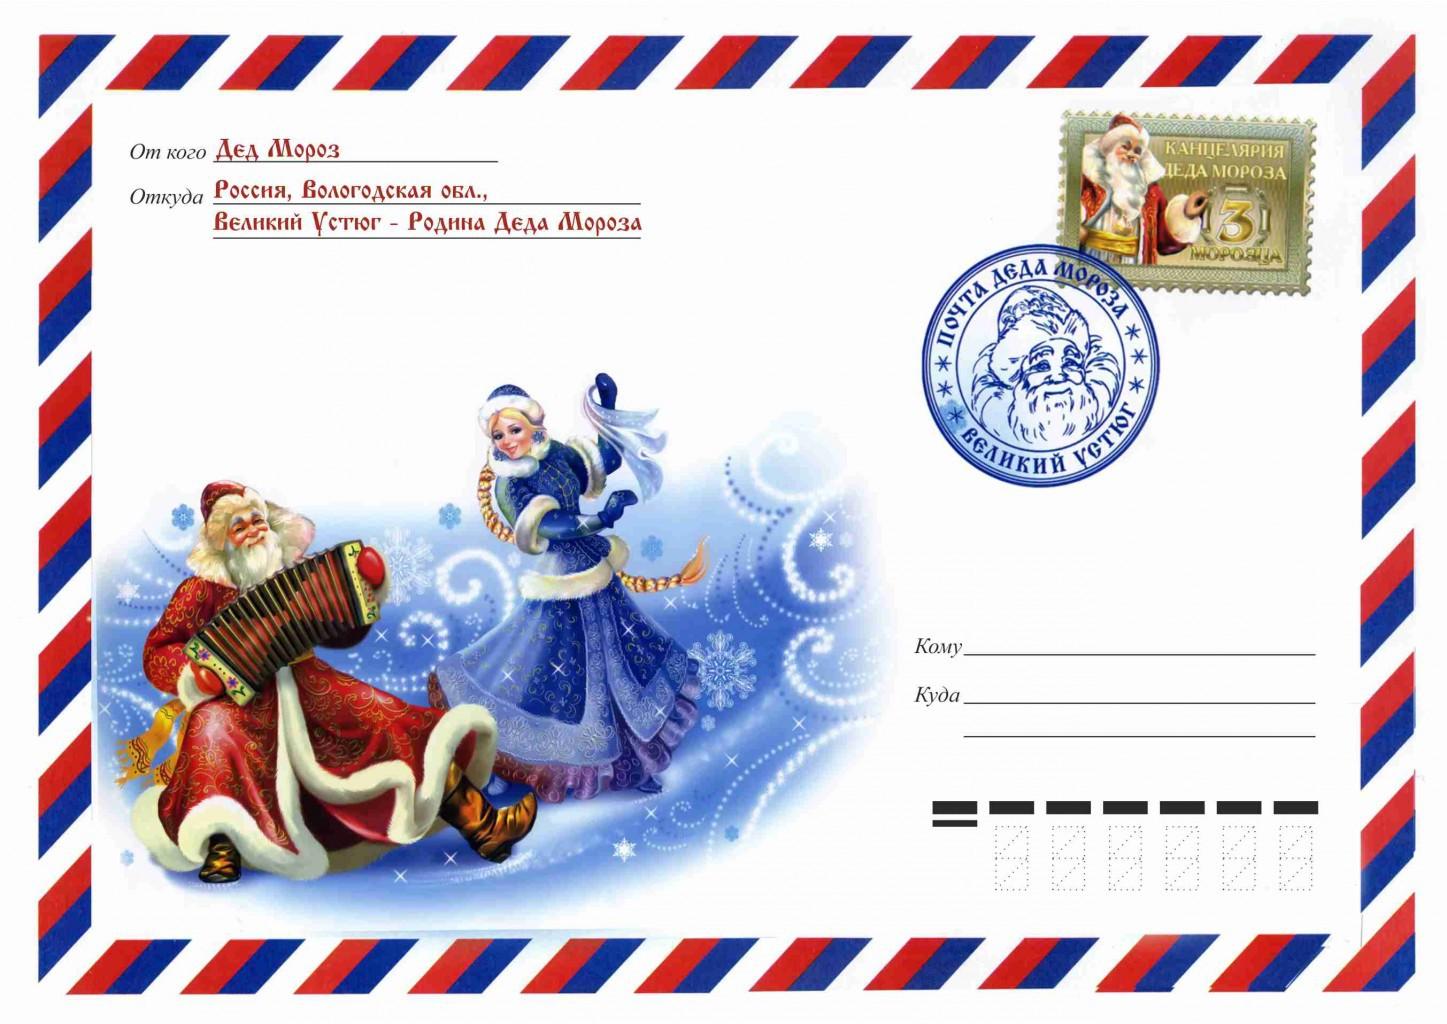 Картинки тему, письма и открытки от дед мороза